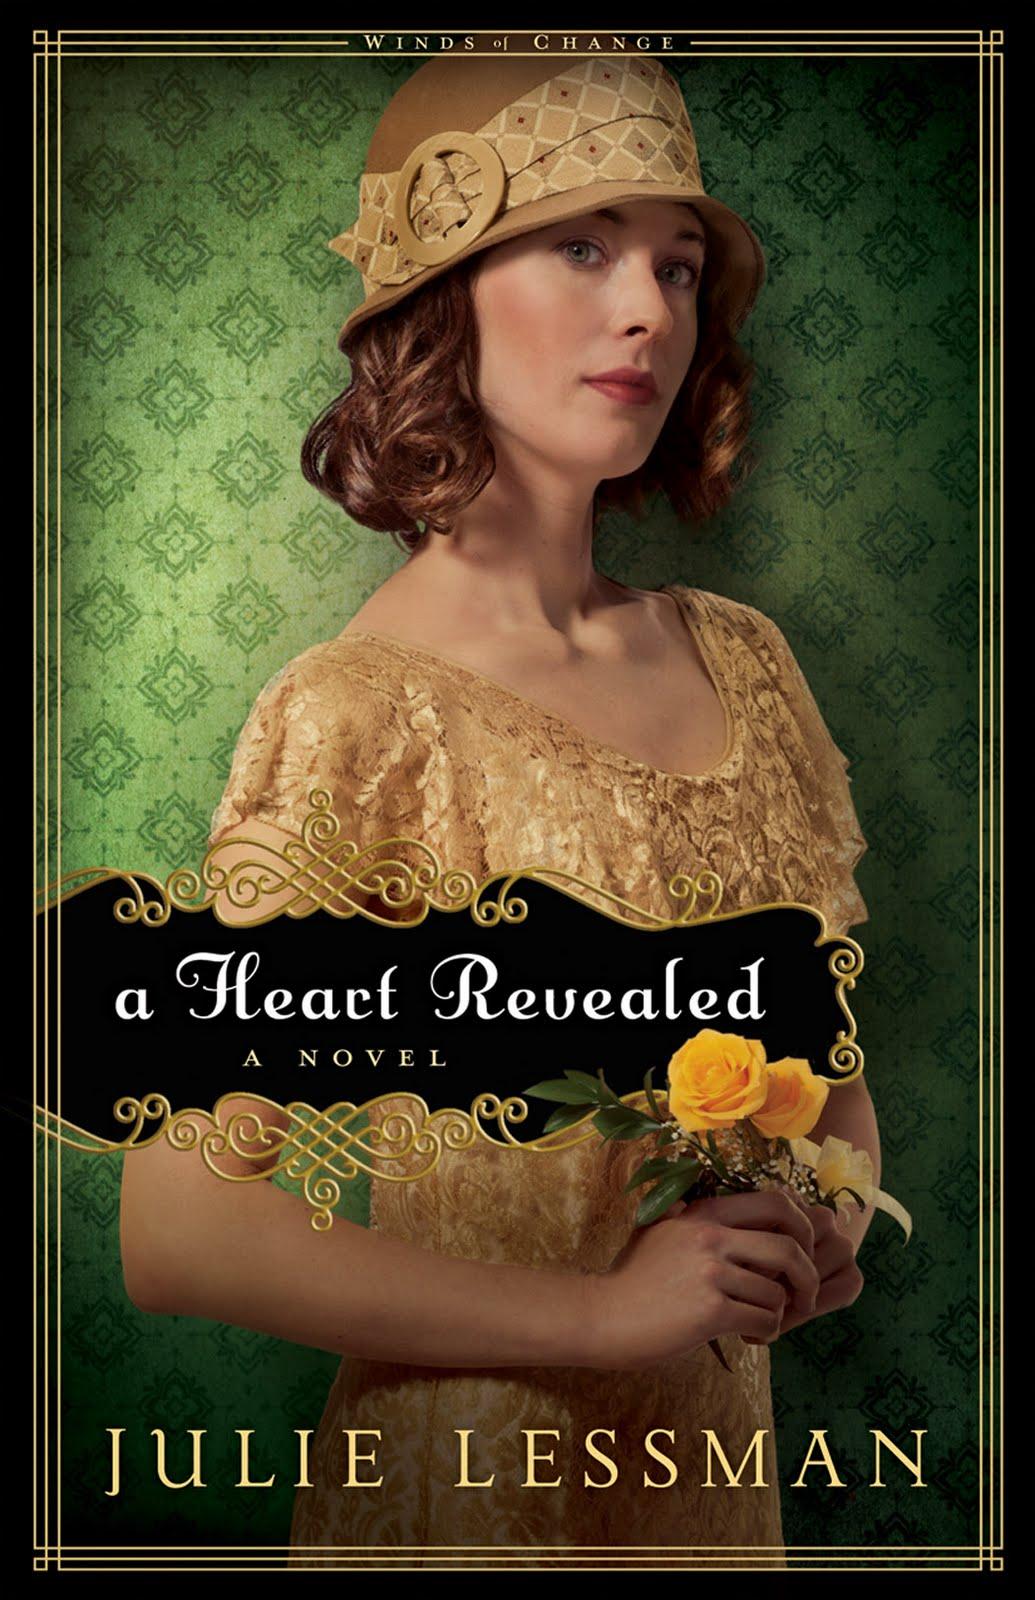 http://3.bp.blogspot.com/-1gvTNV6LfJU/TmSq8nvsbEI/AAAAAAAA0uE/wQTQIElj37Y/s1600/A+heart+Revealed.jpg